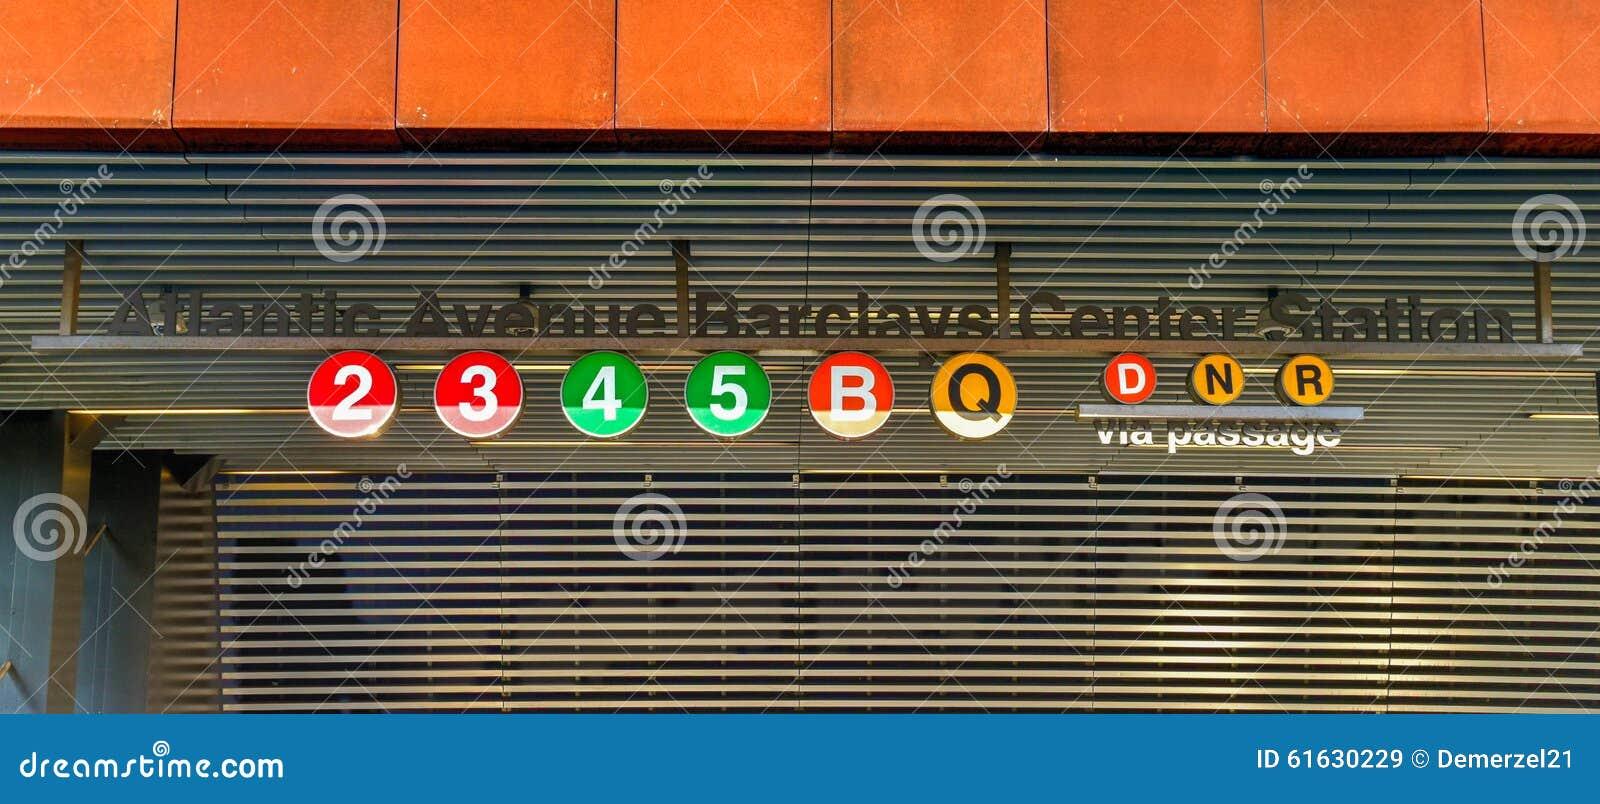 Estação de metro do centro de Barclays